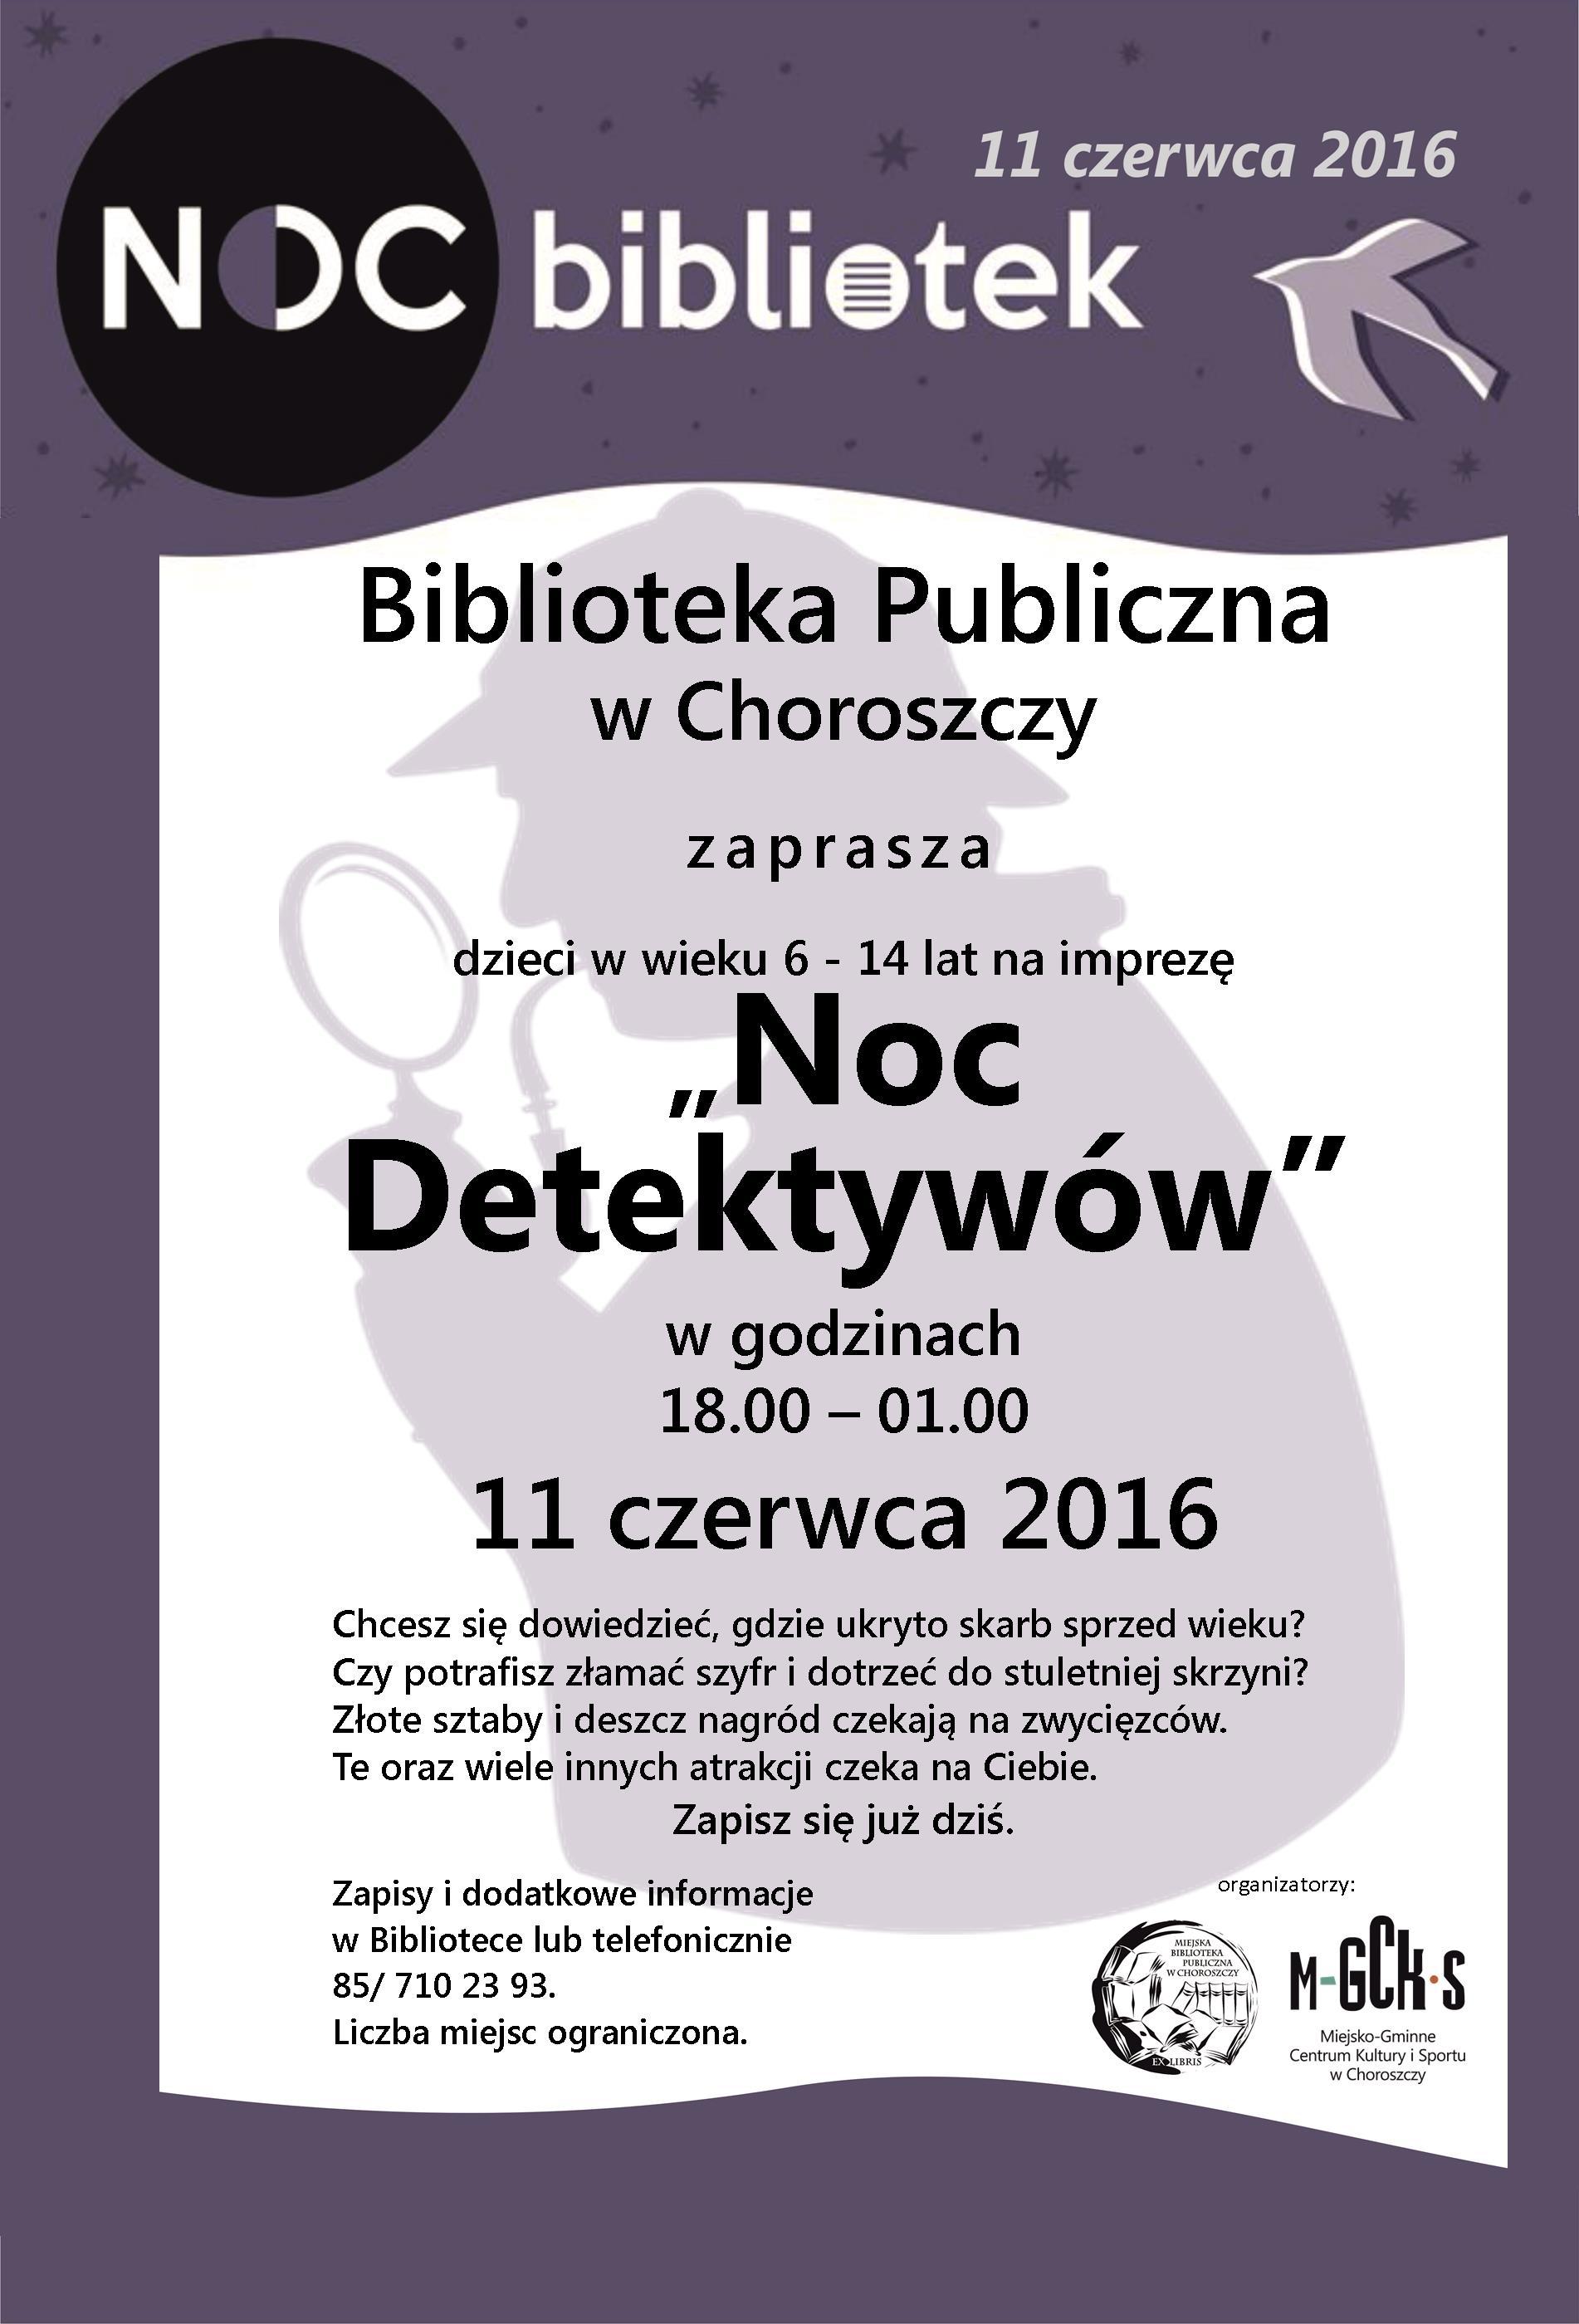 1322x474Noc dedektywów2016bibliotek